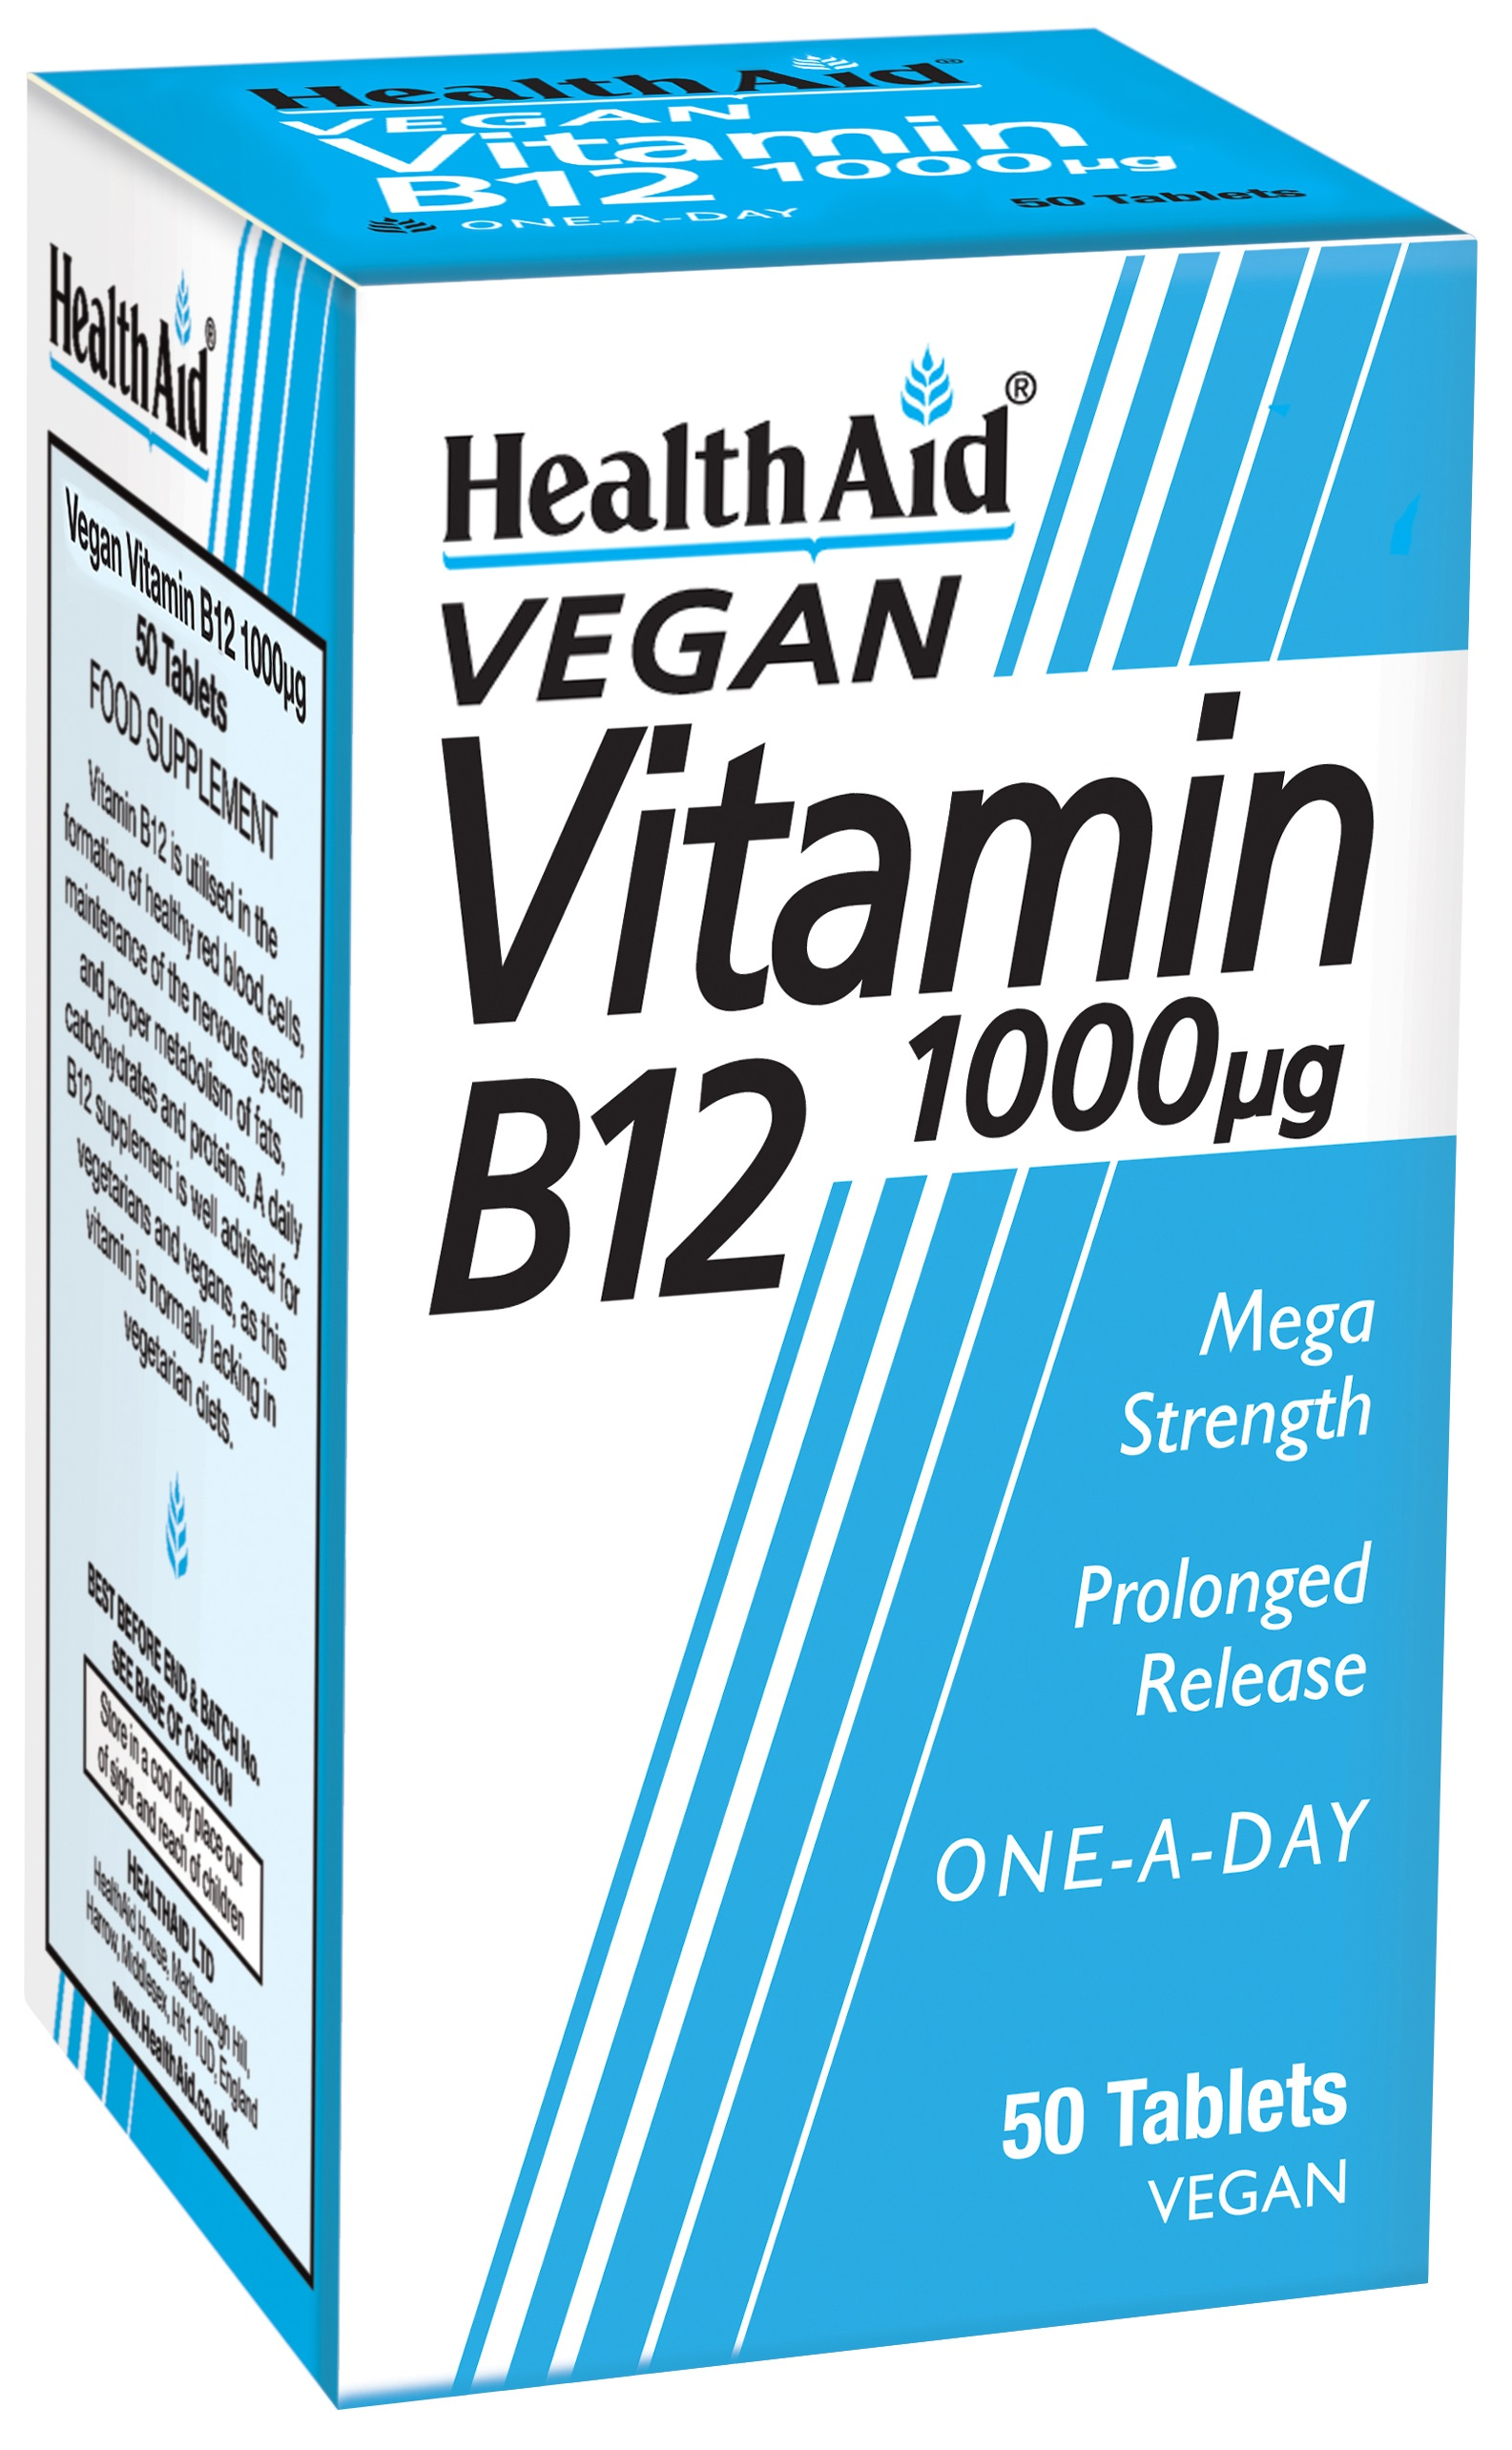 Vegan Vitamin B12 1000ug 50's